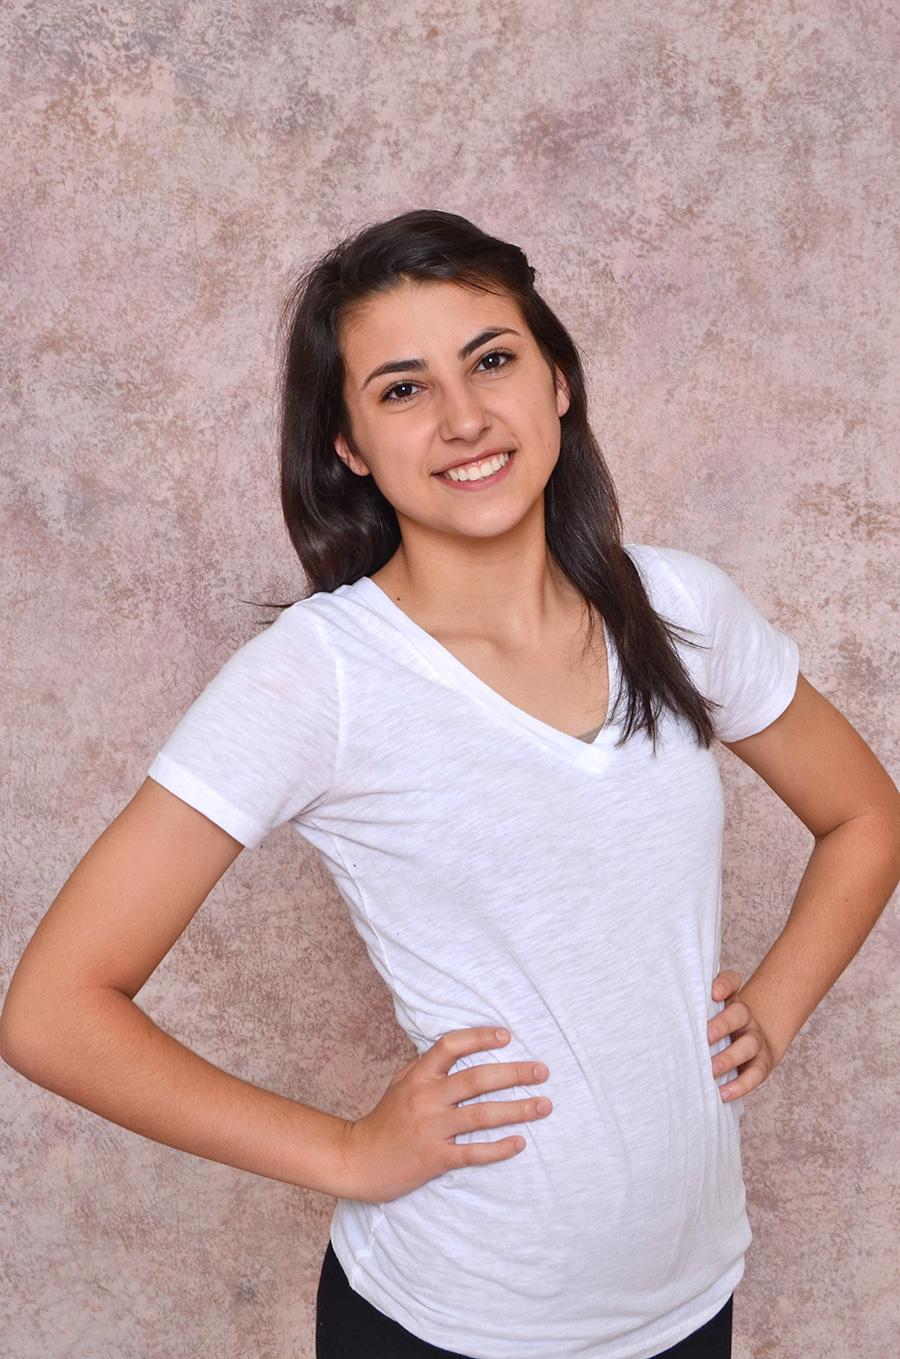 Susan's School of Dance Instructor Assistant - Jade Prescaro